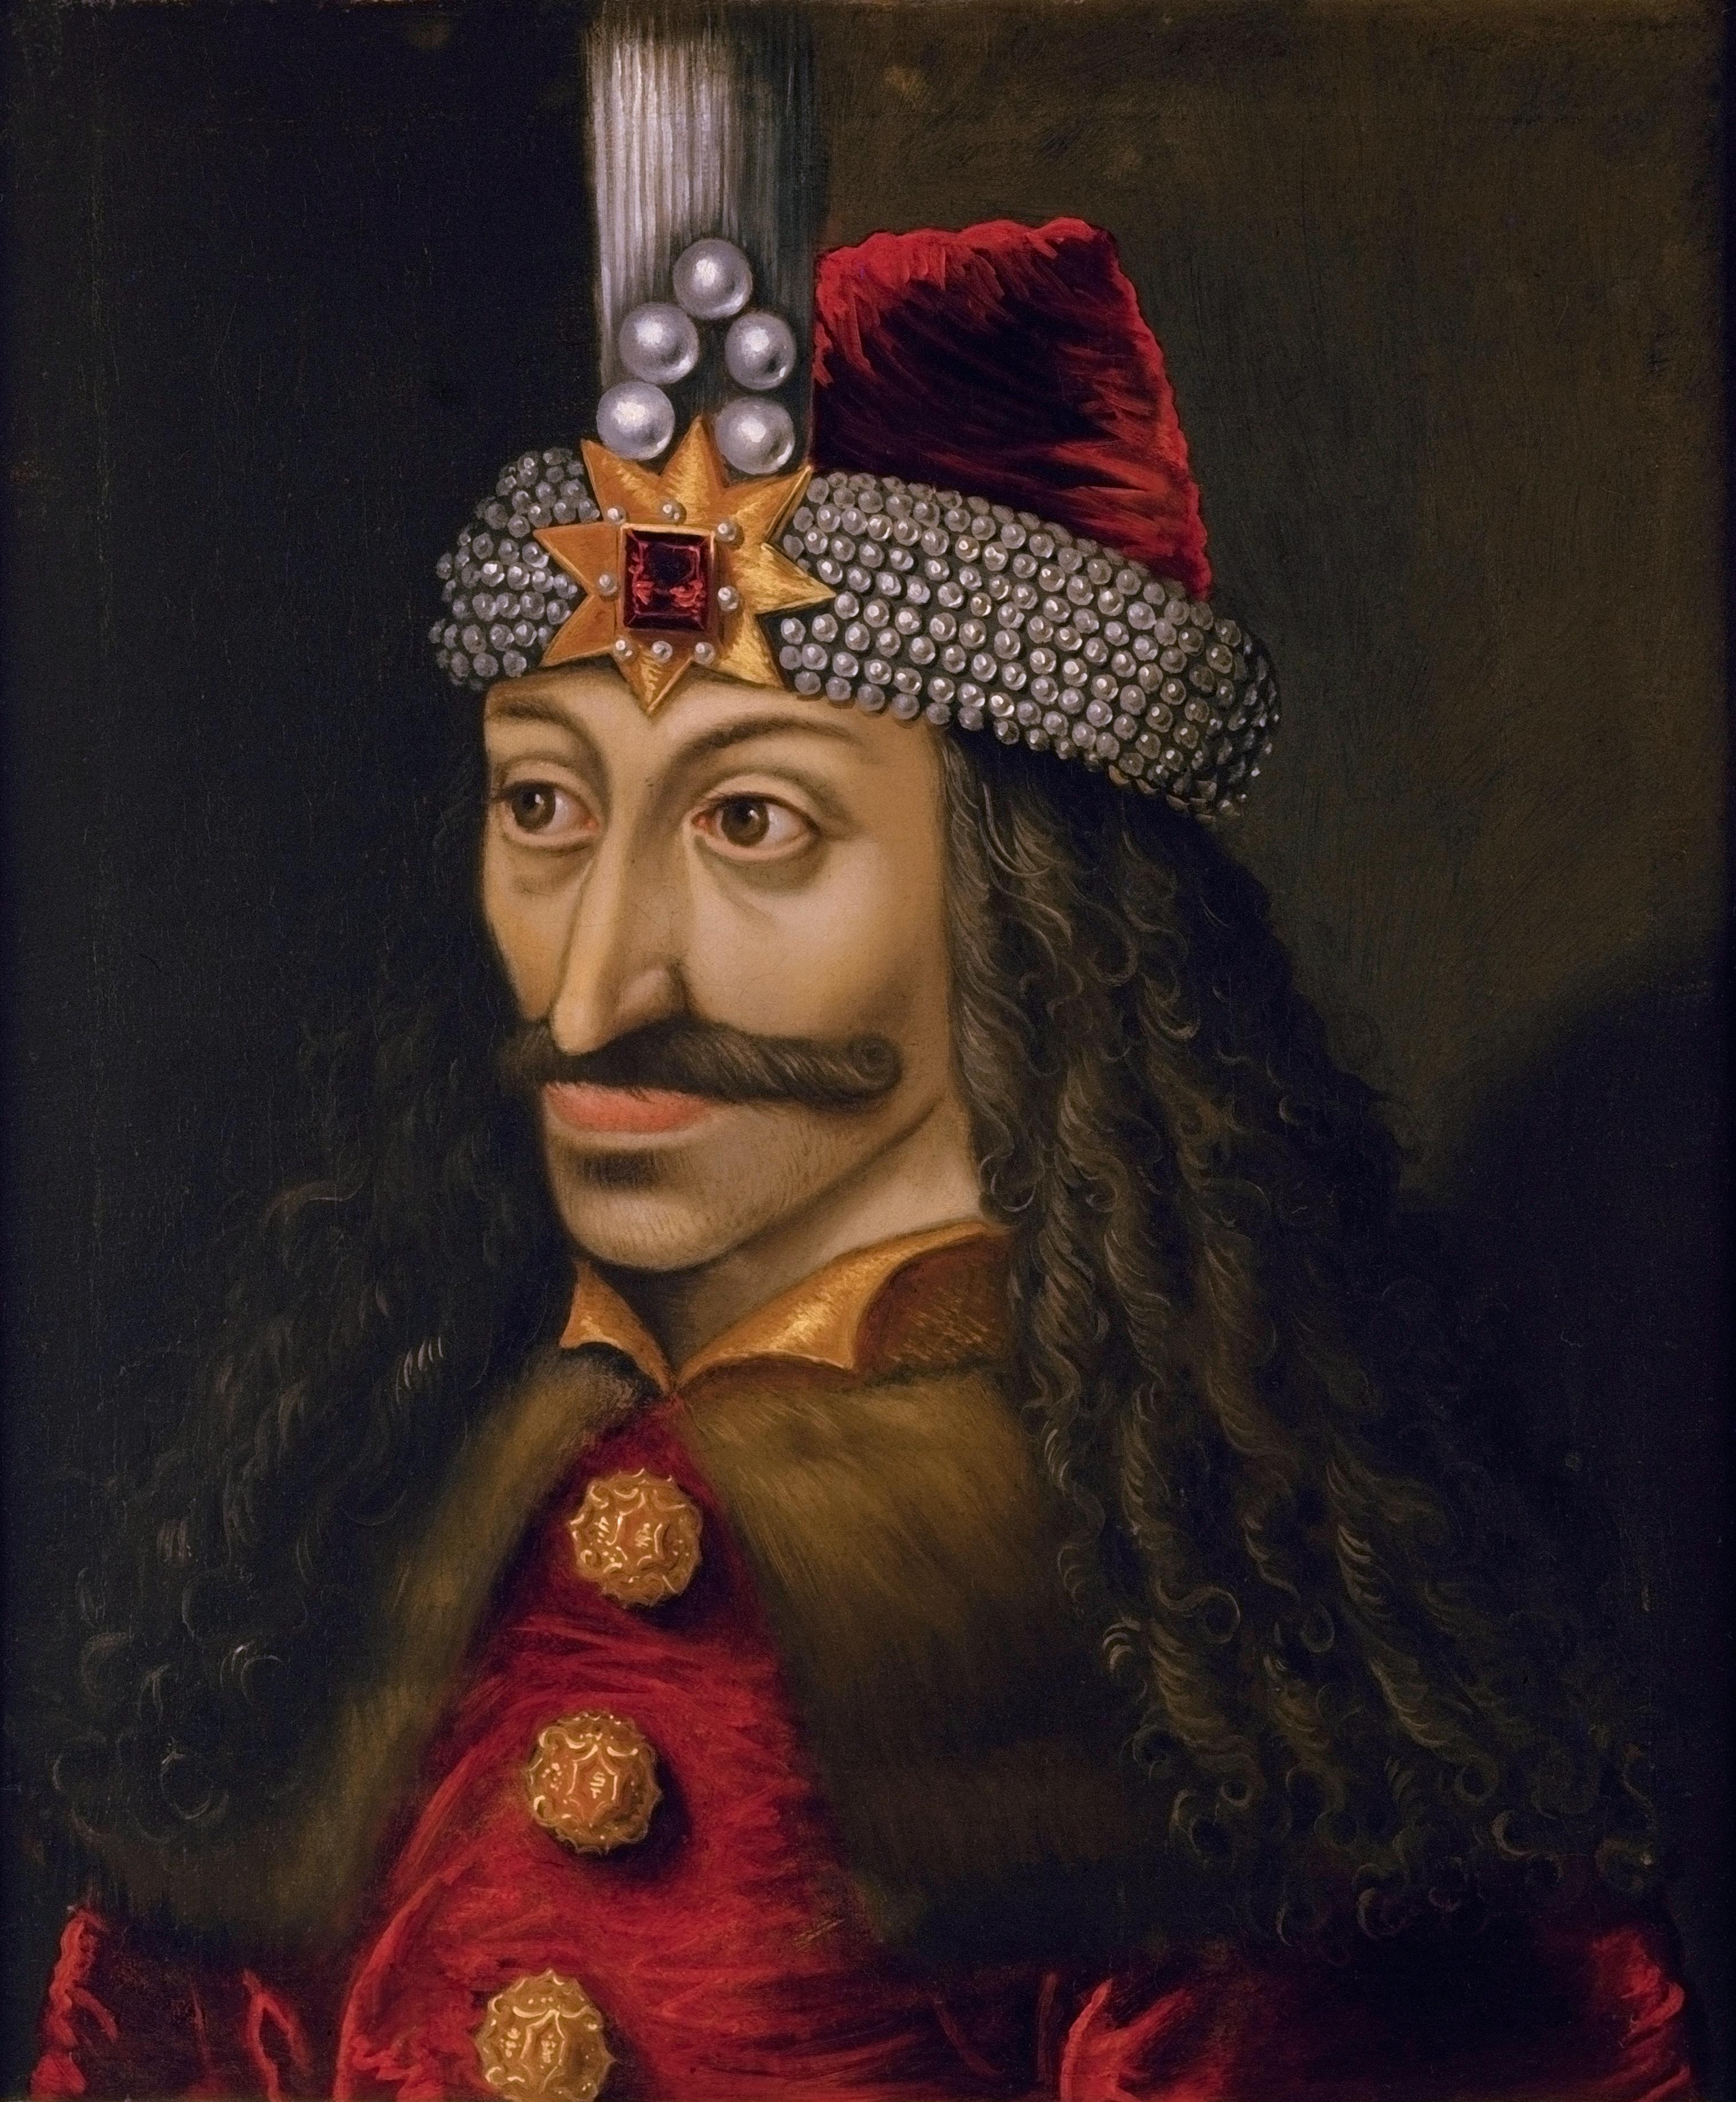 """弗拉德三世·采佩什(1431年11月或12月—1476年12月,""""采佩什""""在羅馬尼亞語中的意思是""""穿刺"""",因此被人稱作穿刺公)"""